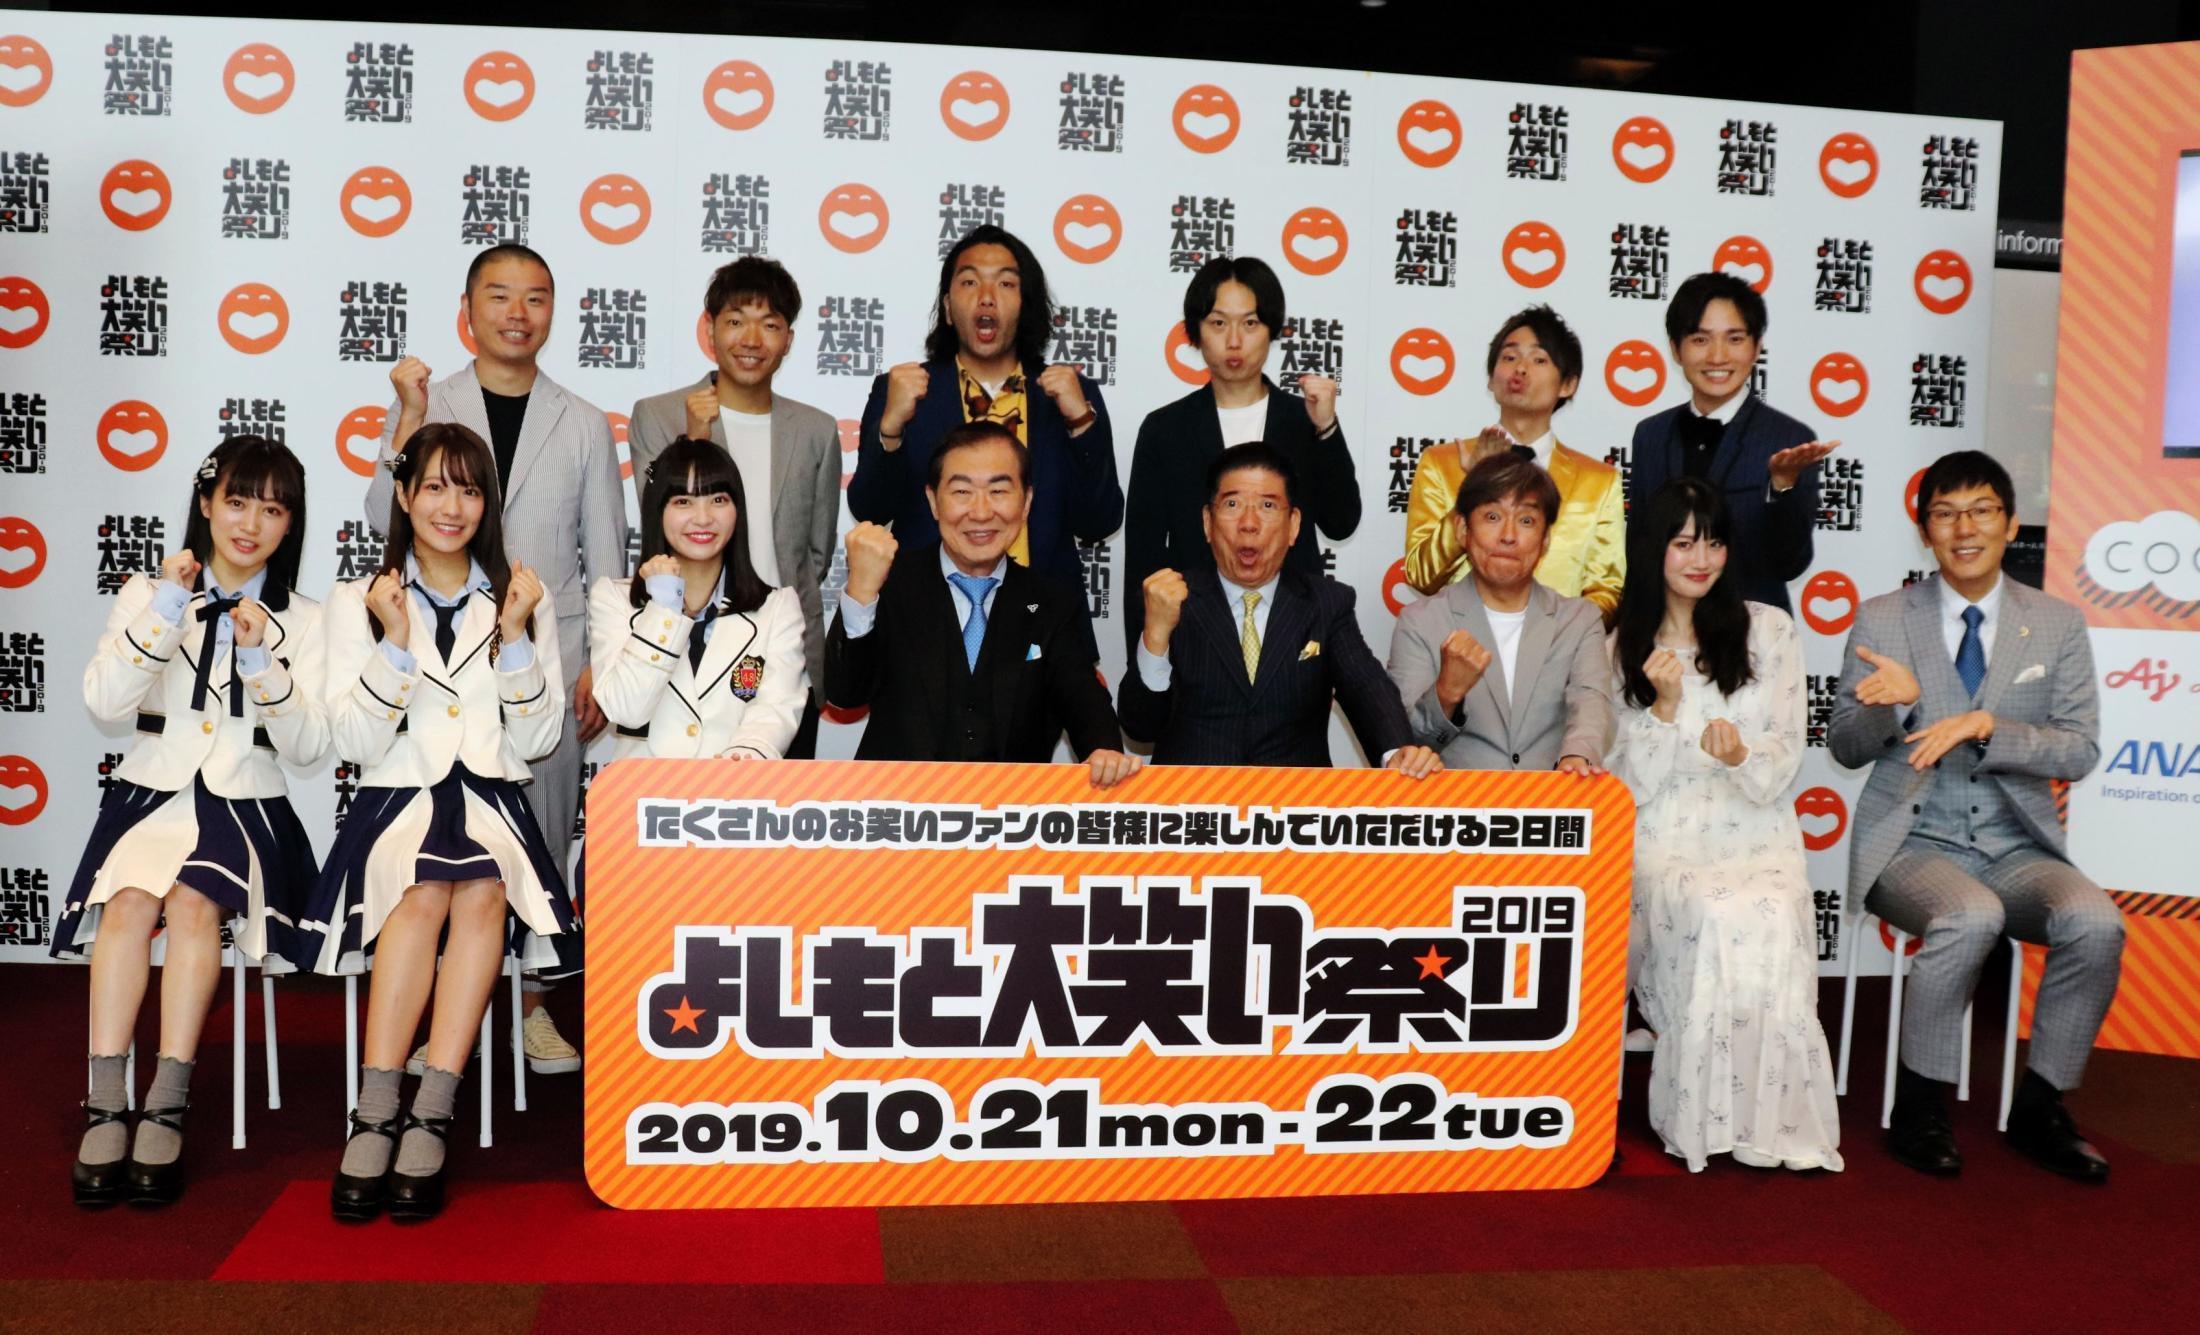 【川上千尋/小嶋花梨/堀誌音】「よしもと大笑い祭り2019」概要発表会見にちっひー・こじりん・しおんが参加。10/22にイベント。